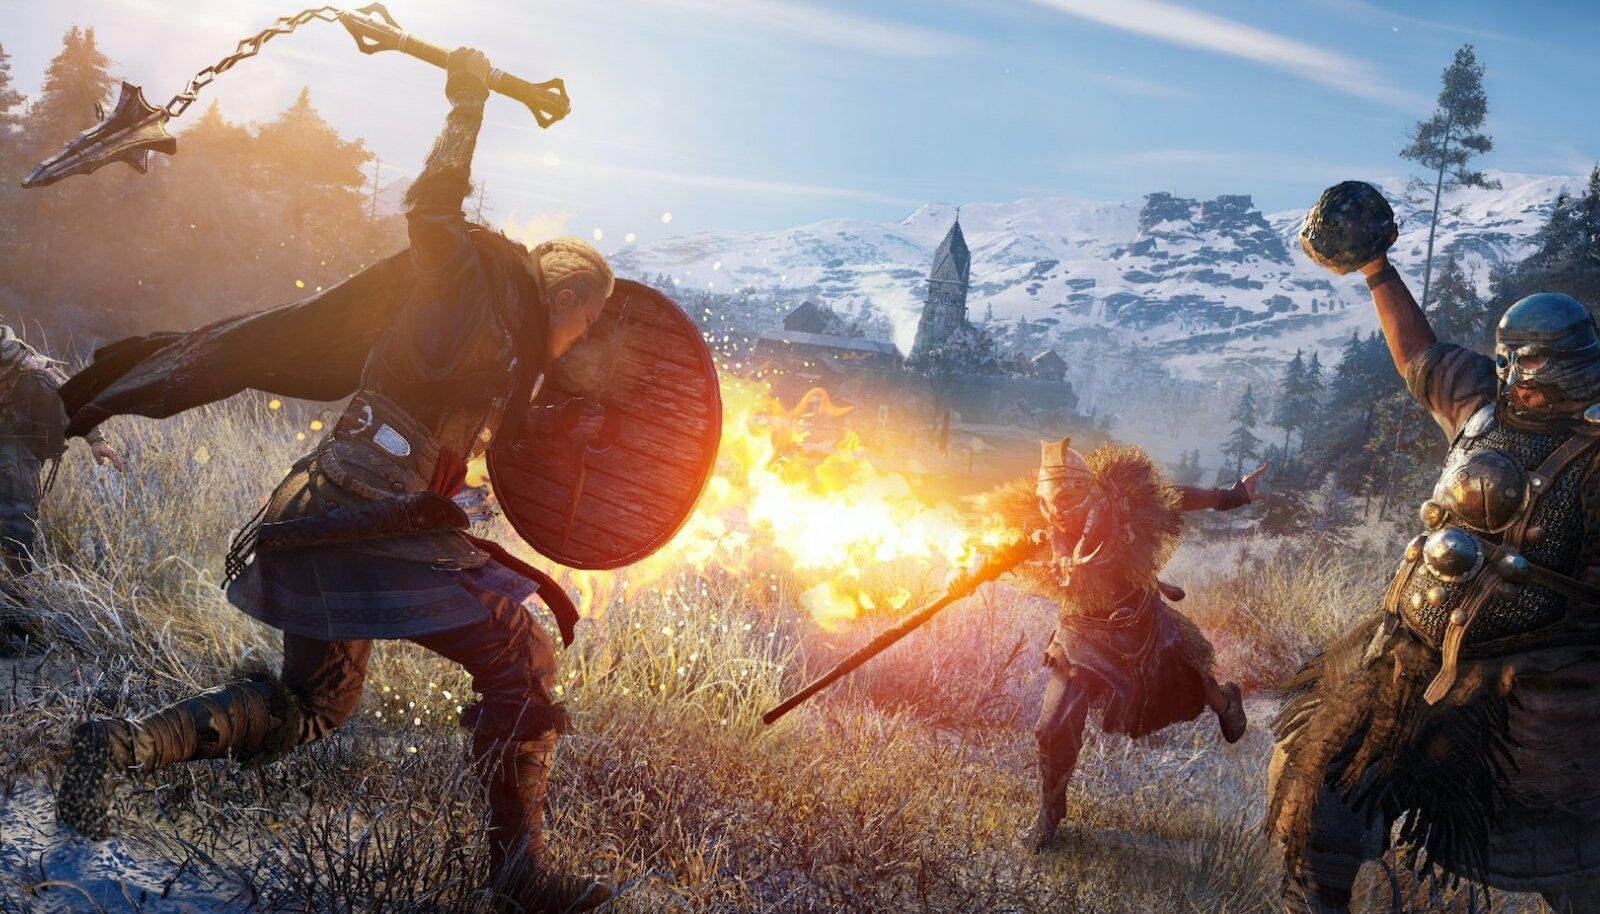 """Nii PS5 kui ka uute Xboxide algse mänguvaliku pärl saab olema """"Assassins Creed Valhalla"""" (tootja Ubisofti pilt), mis ilmub samas ka Windowsi, PS4, Xbox One'i ja Stadia väljalasetes"""